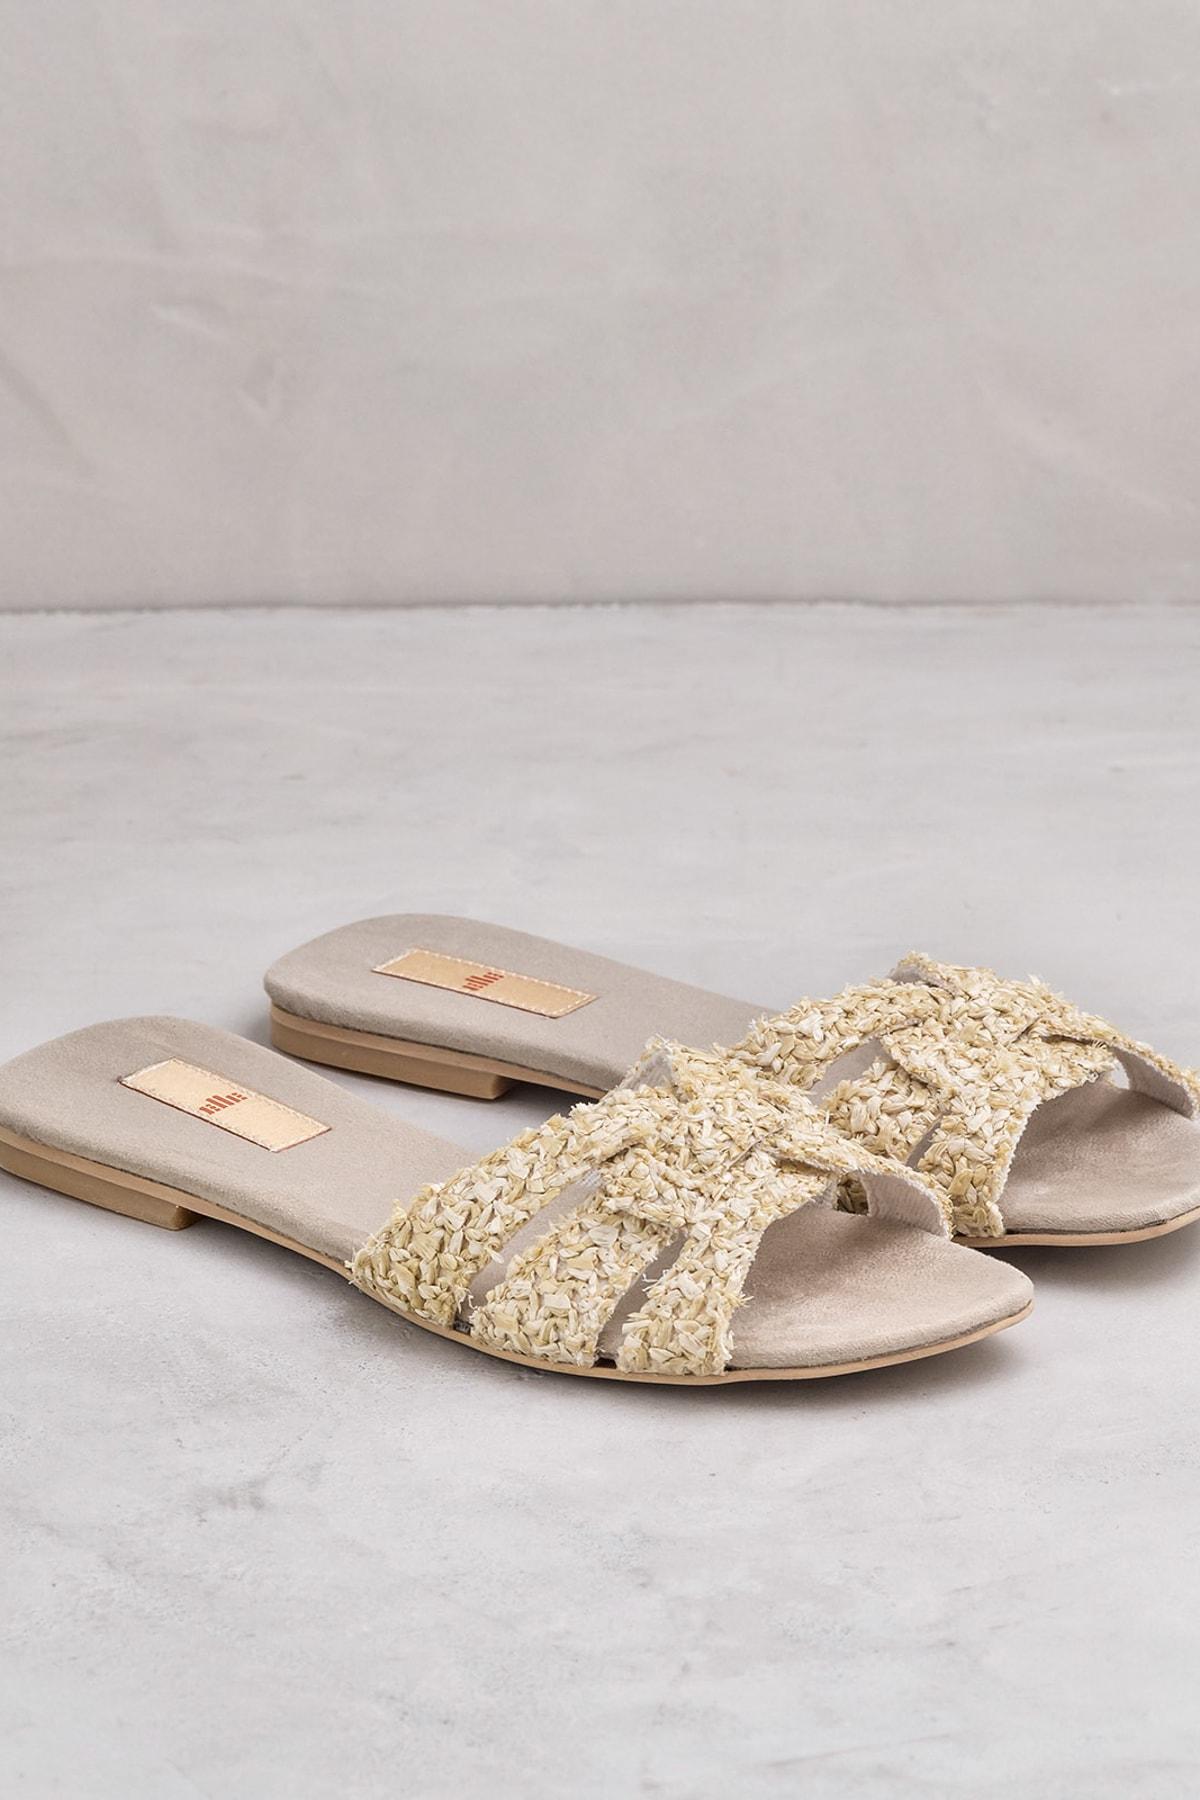 Elle Shoes TANZI Naturel Kadın Terlik 2